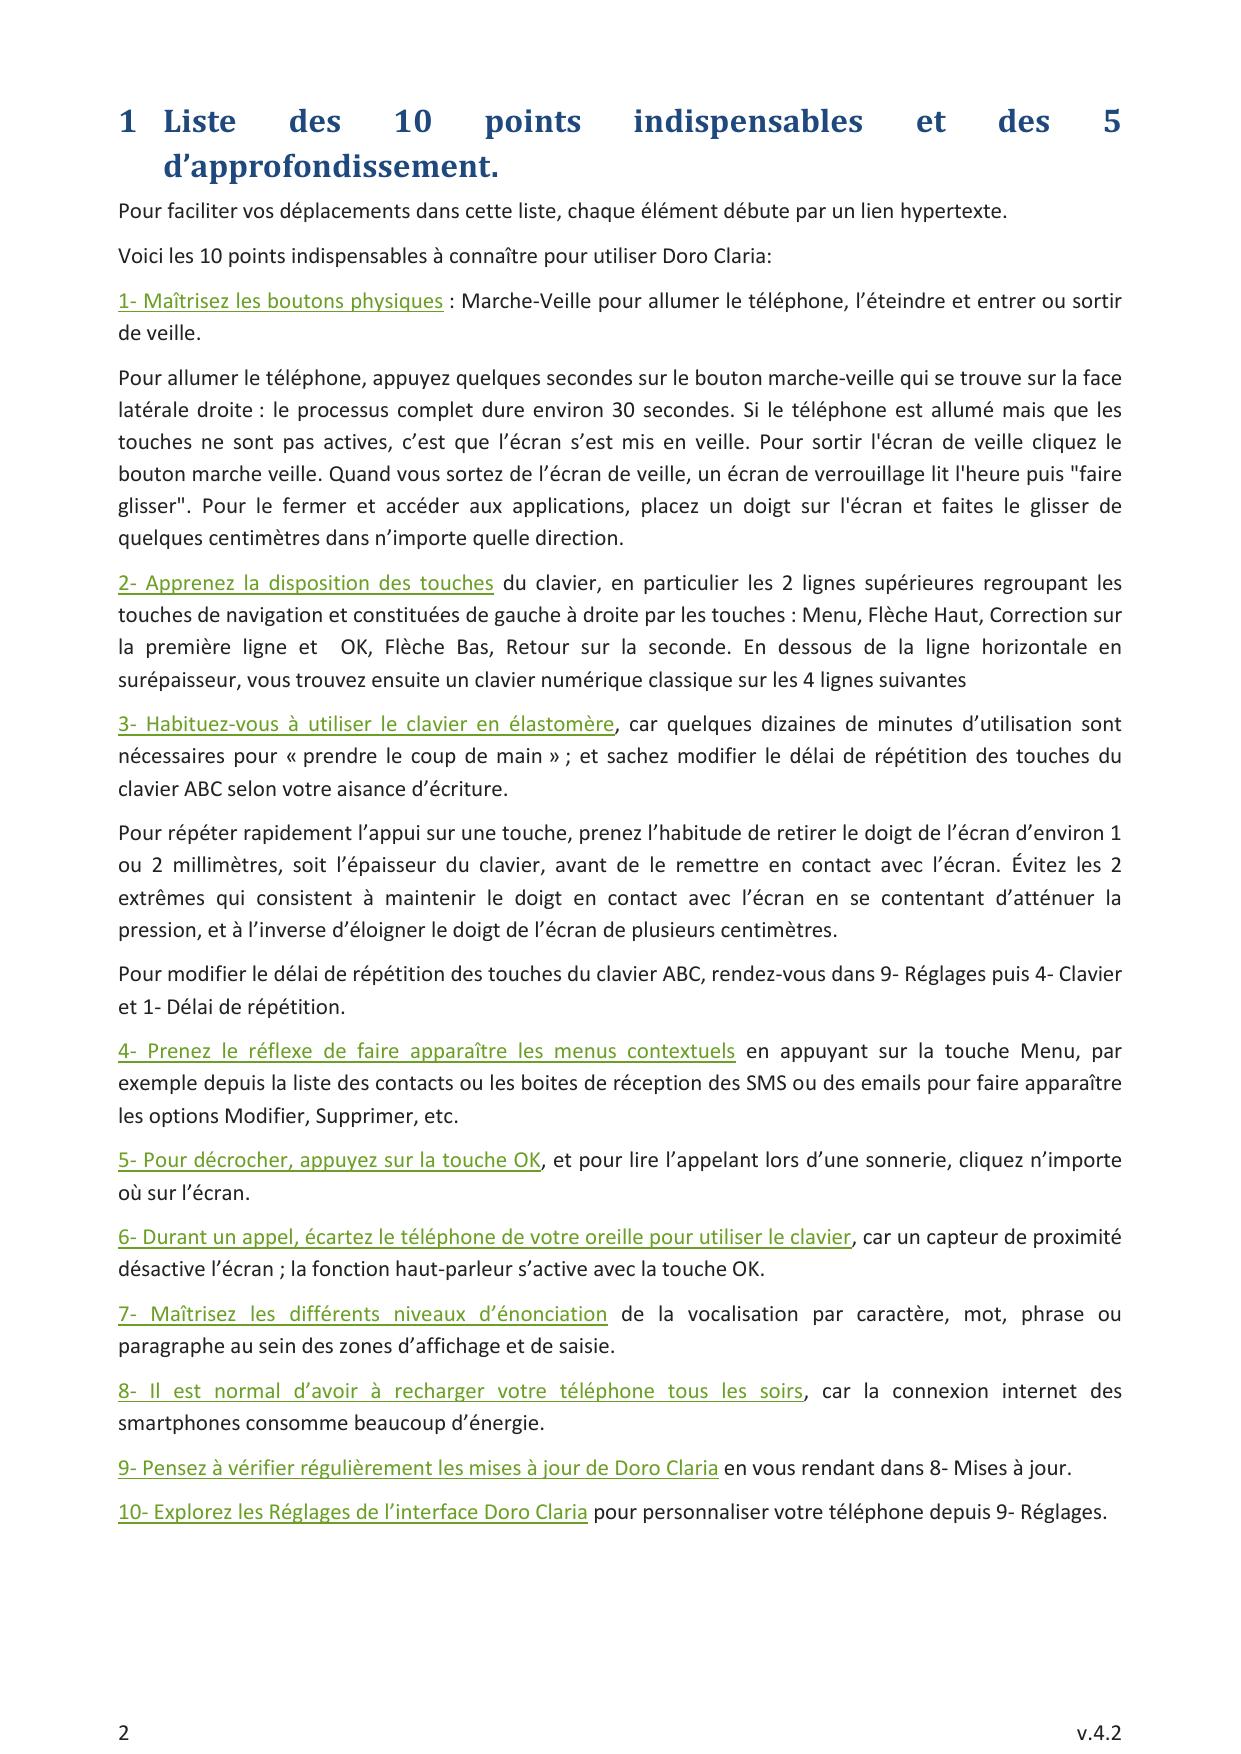 Manuel - Doro 820 Mini Claria - Android 4.4 - Device Guides intérieur Mot Fleché